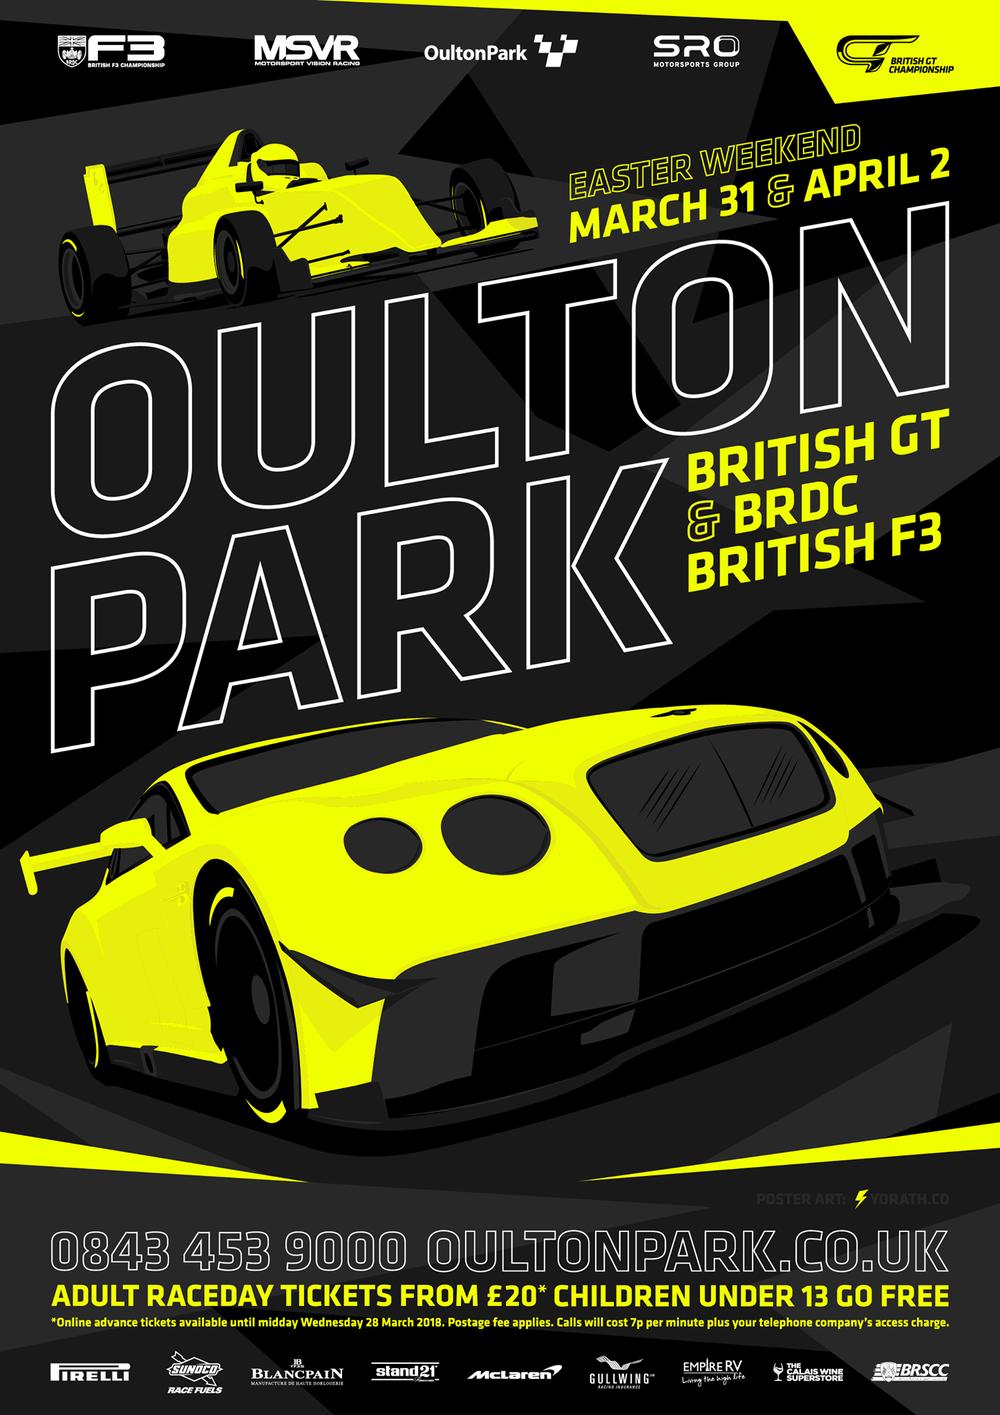 british-gt-banner-image-oulton-park.png